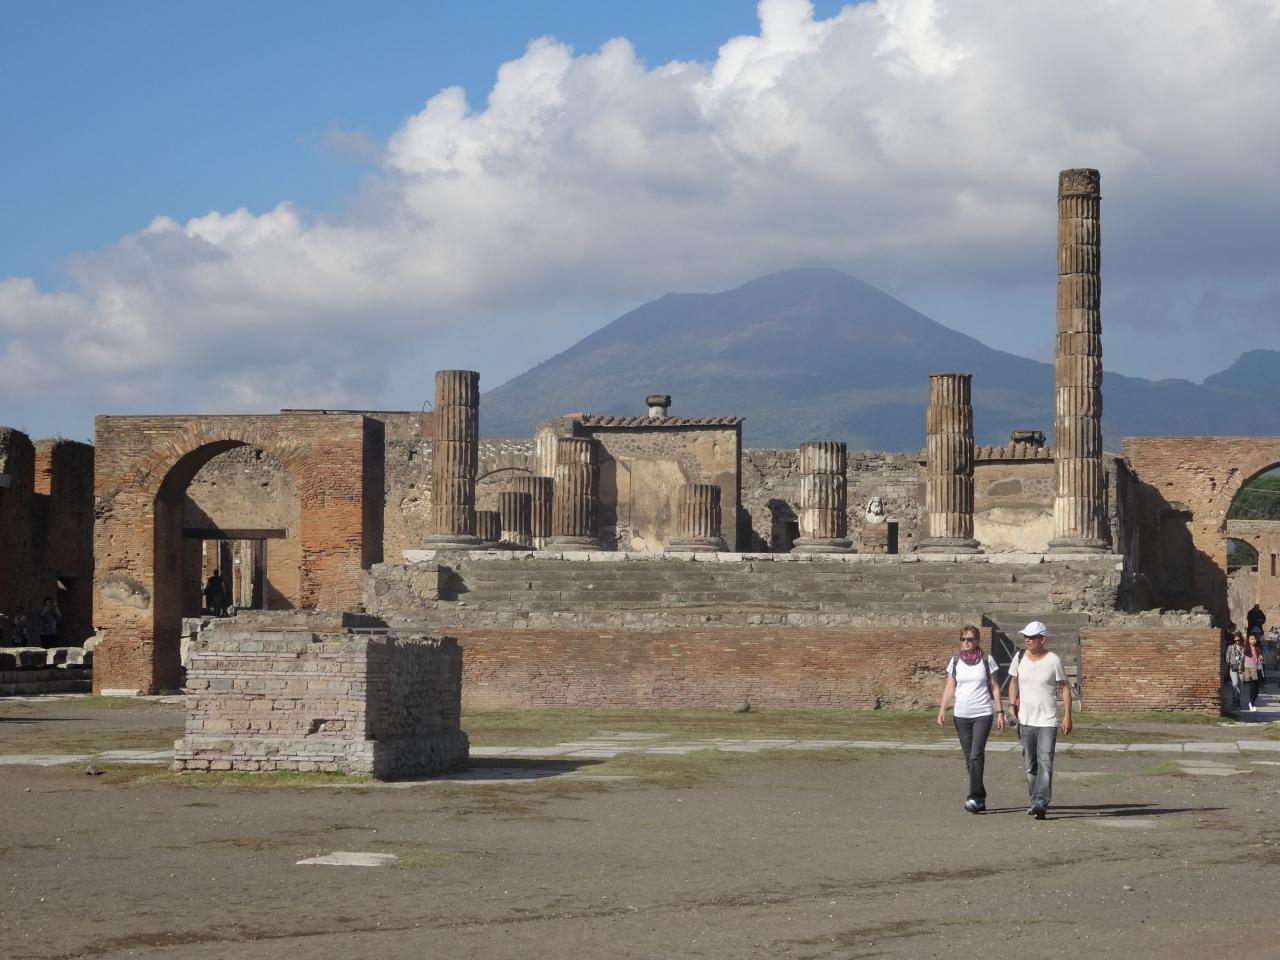 ポンペイ、ヘルクラネウム及びトッレ・アンヌンツィアータの遺跡地域の画像 p1_37